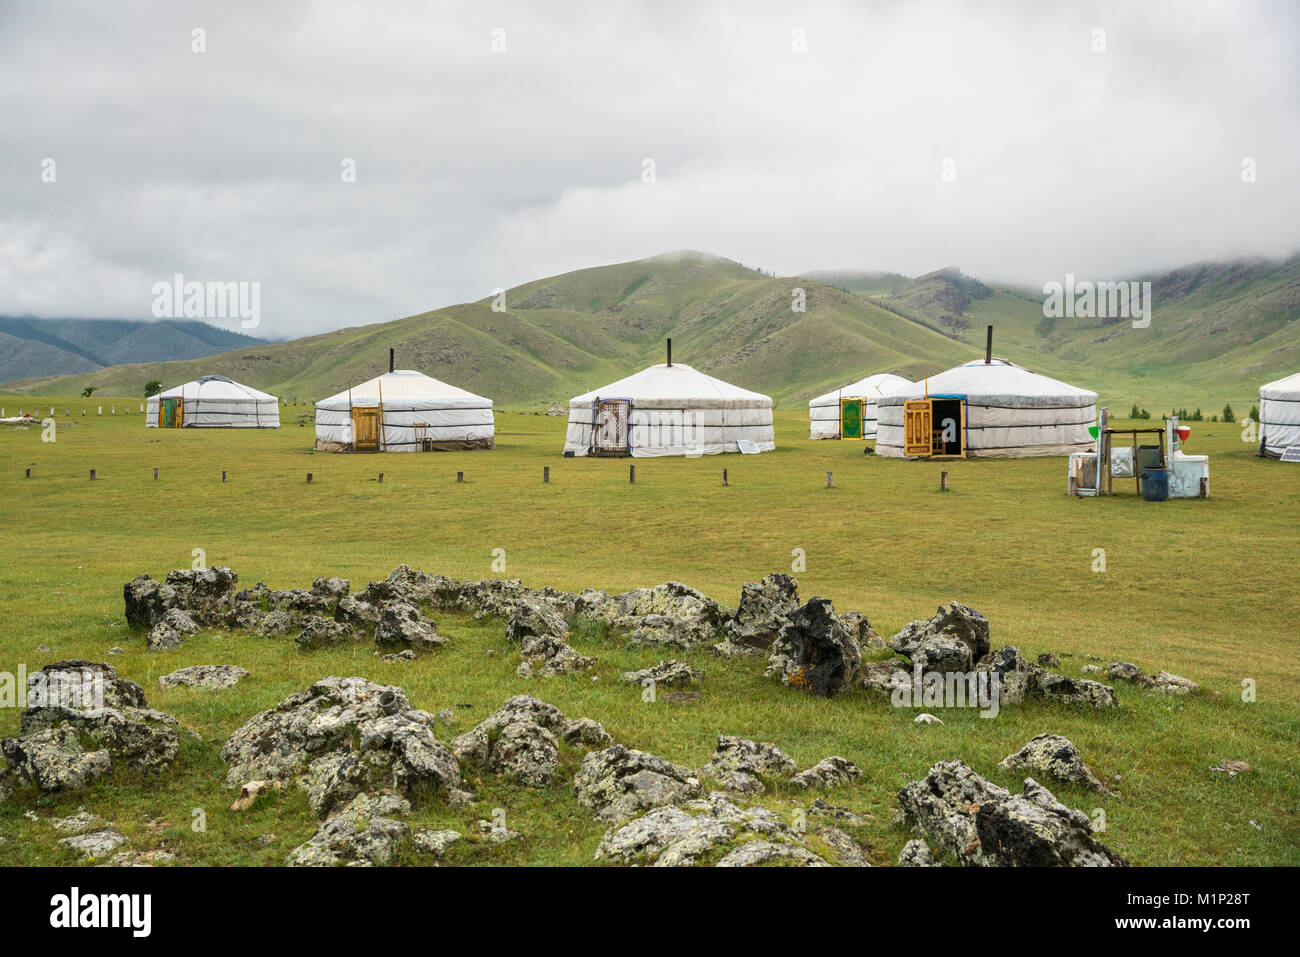 Famille nomade camp de ger, vallée de l'Orkhon, province Sud Hangay, Mongolie, Asie centrale, Asie Photo Stock